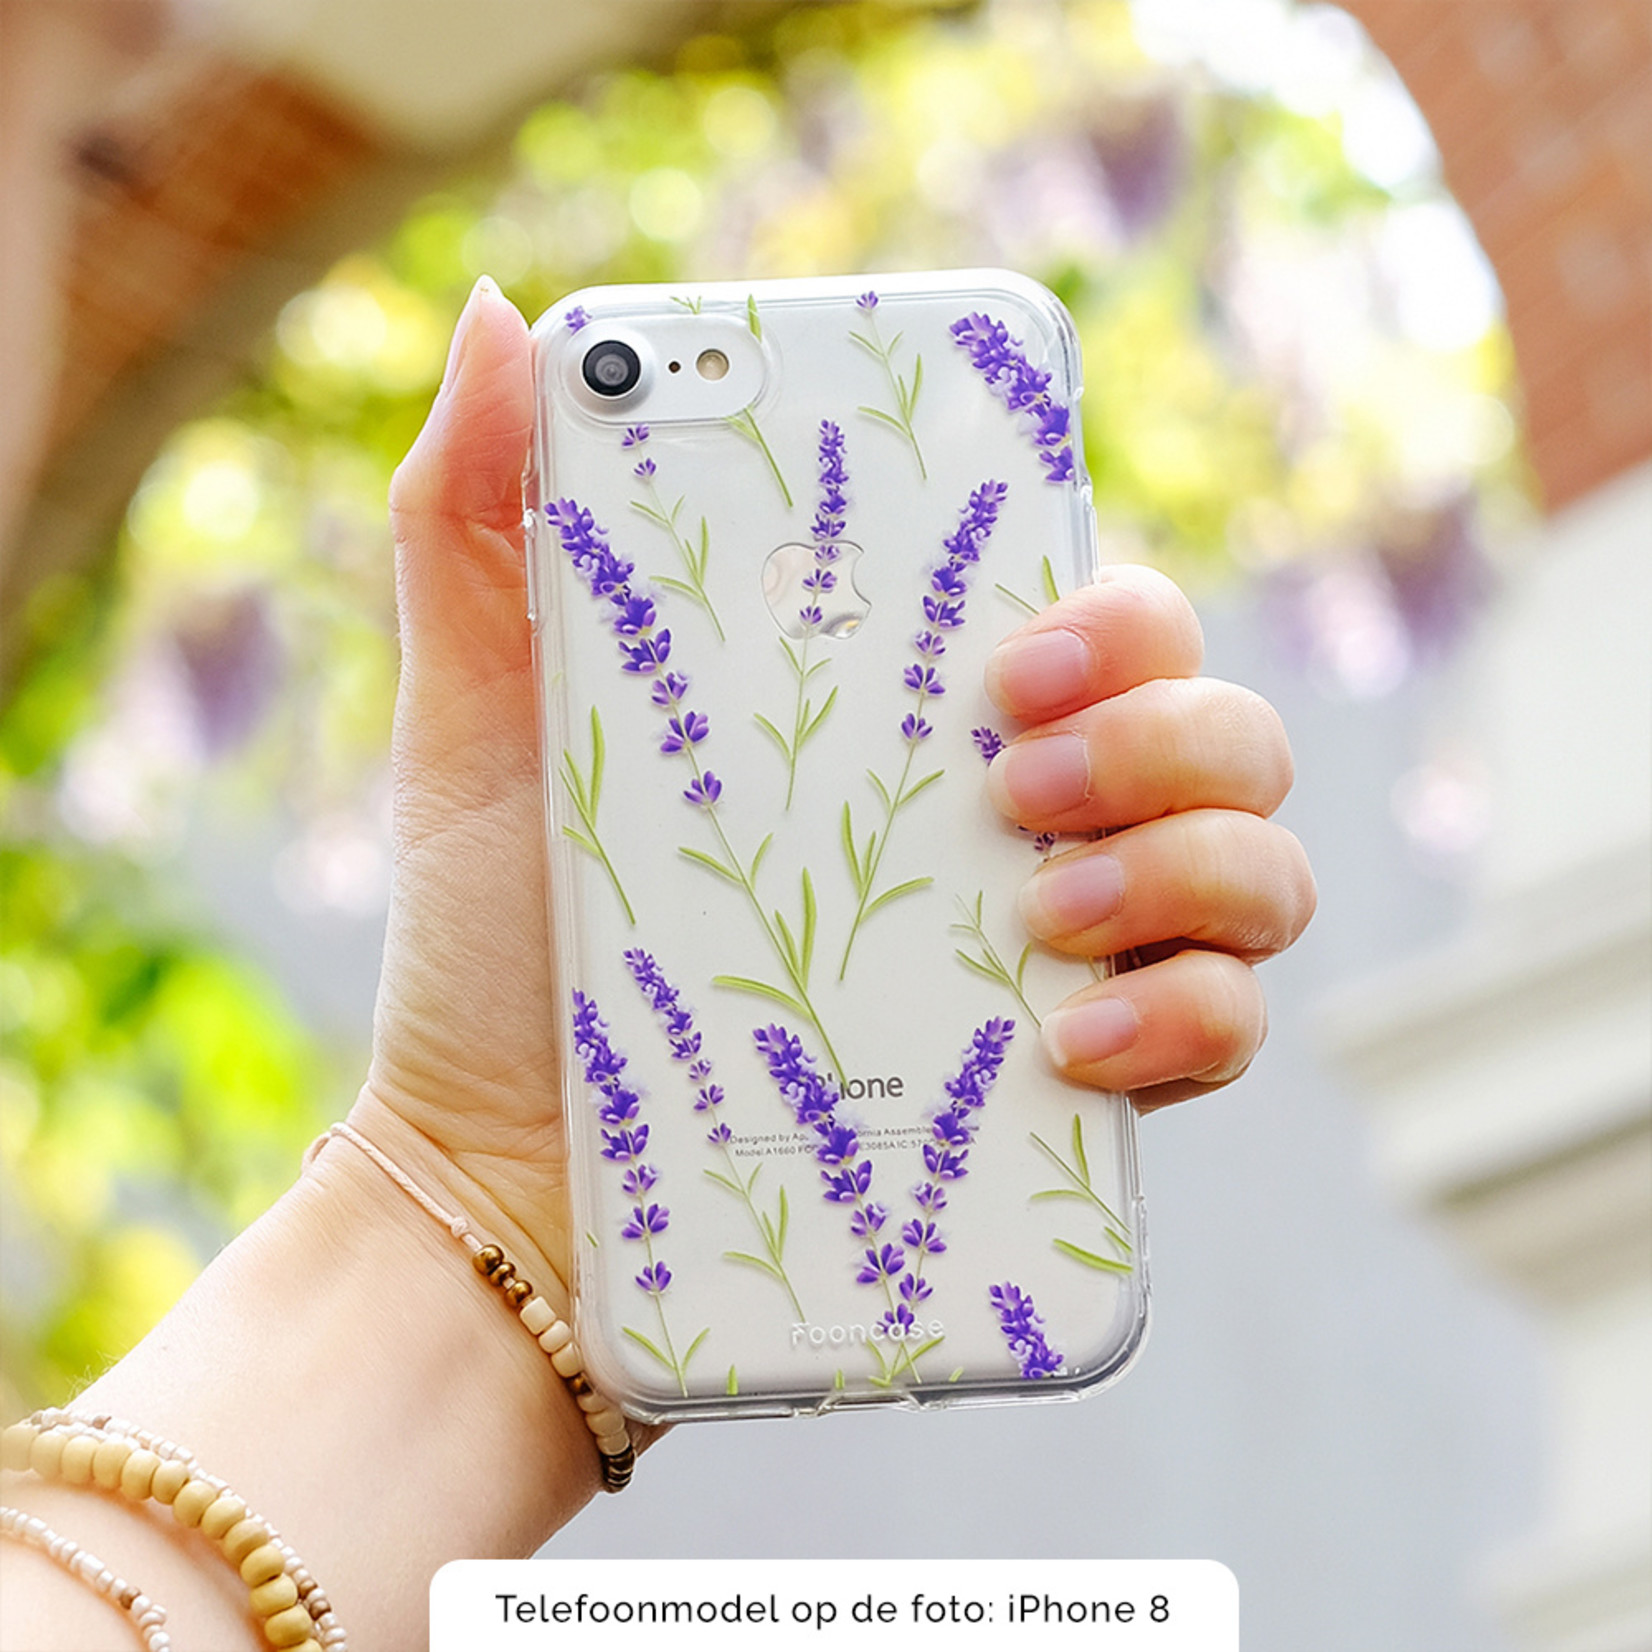 FOONCASE Iphone 8 - Purple Flower